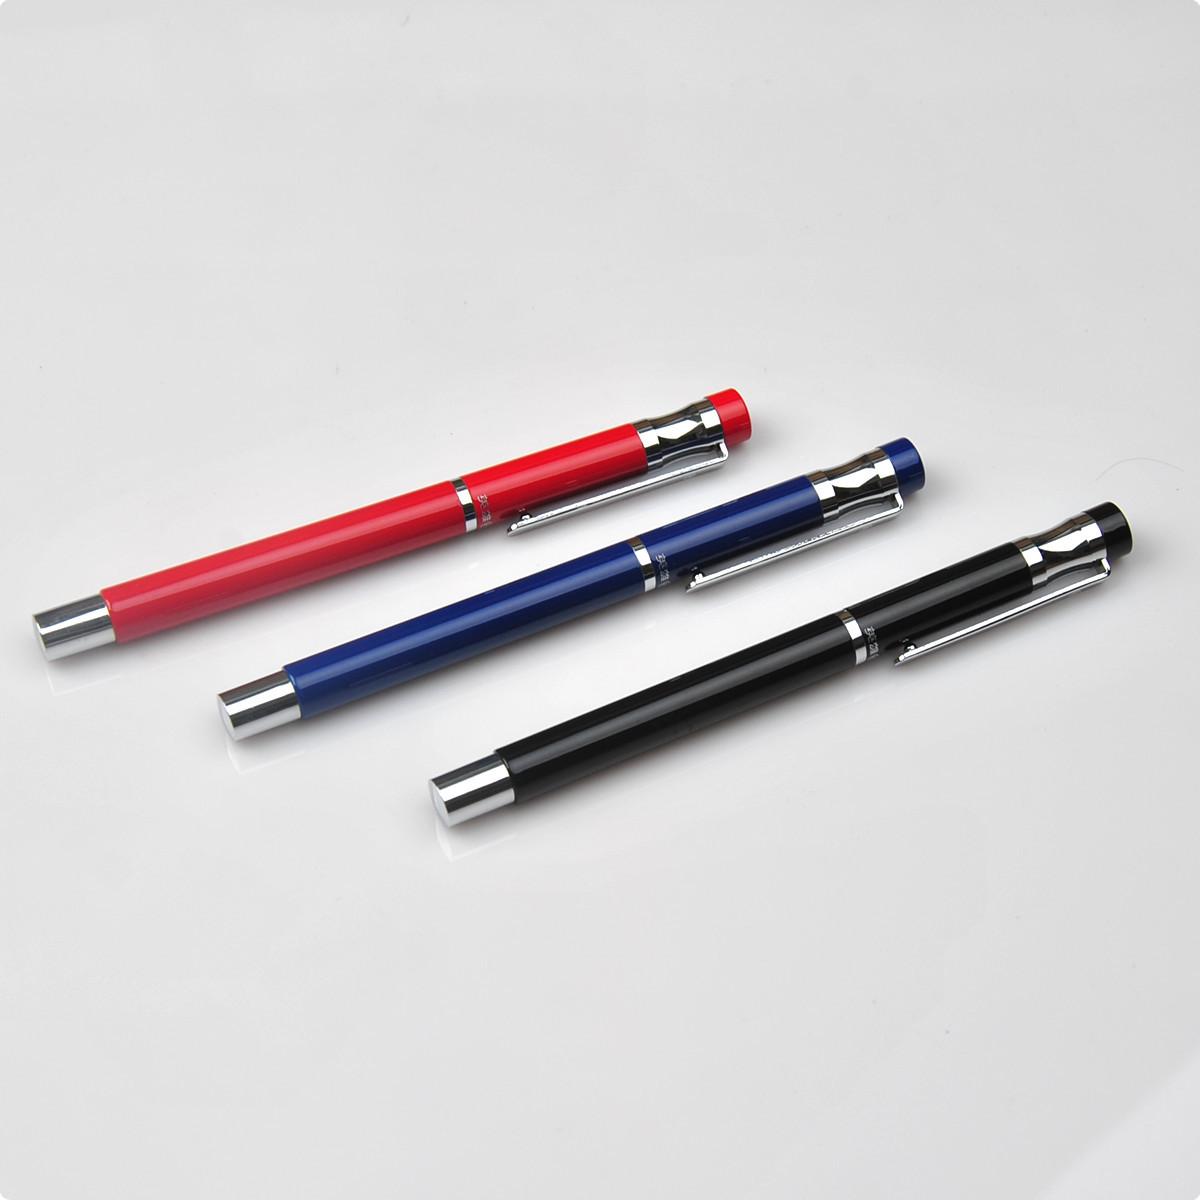 英雄钢笔学生考试用笔 257A超滑特细多彩铱金笔 0.38mm特细墨水笔